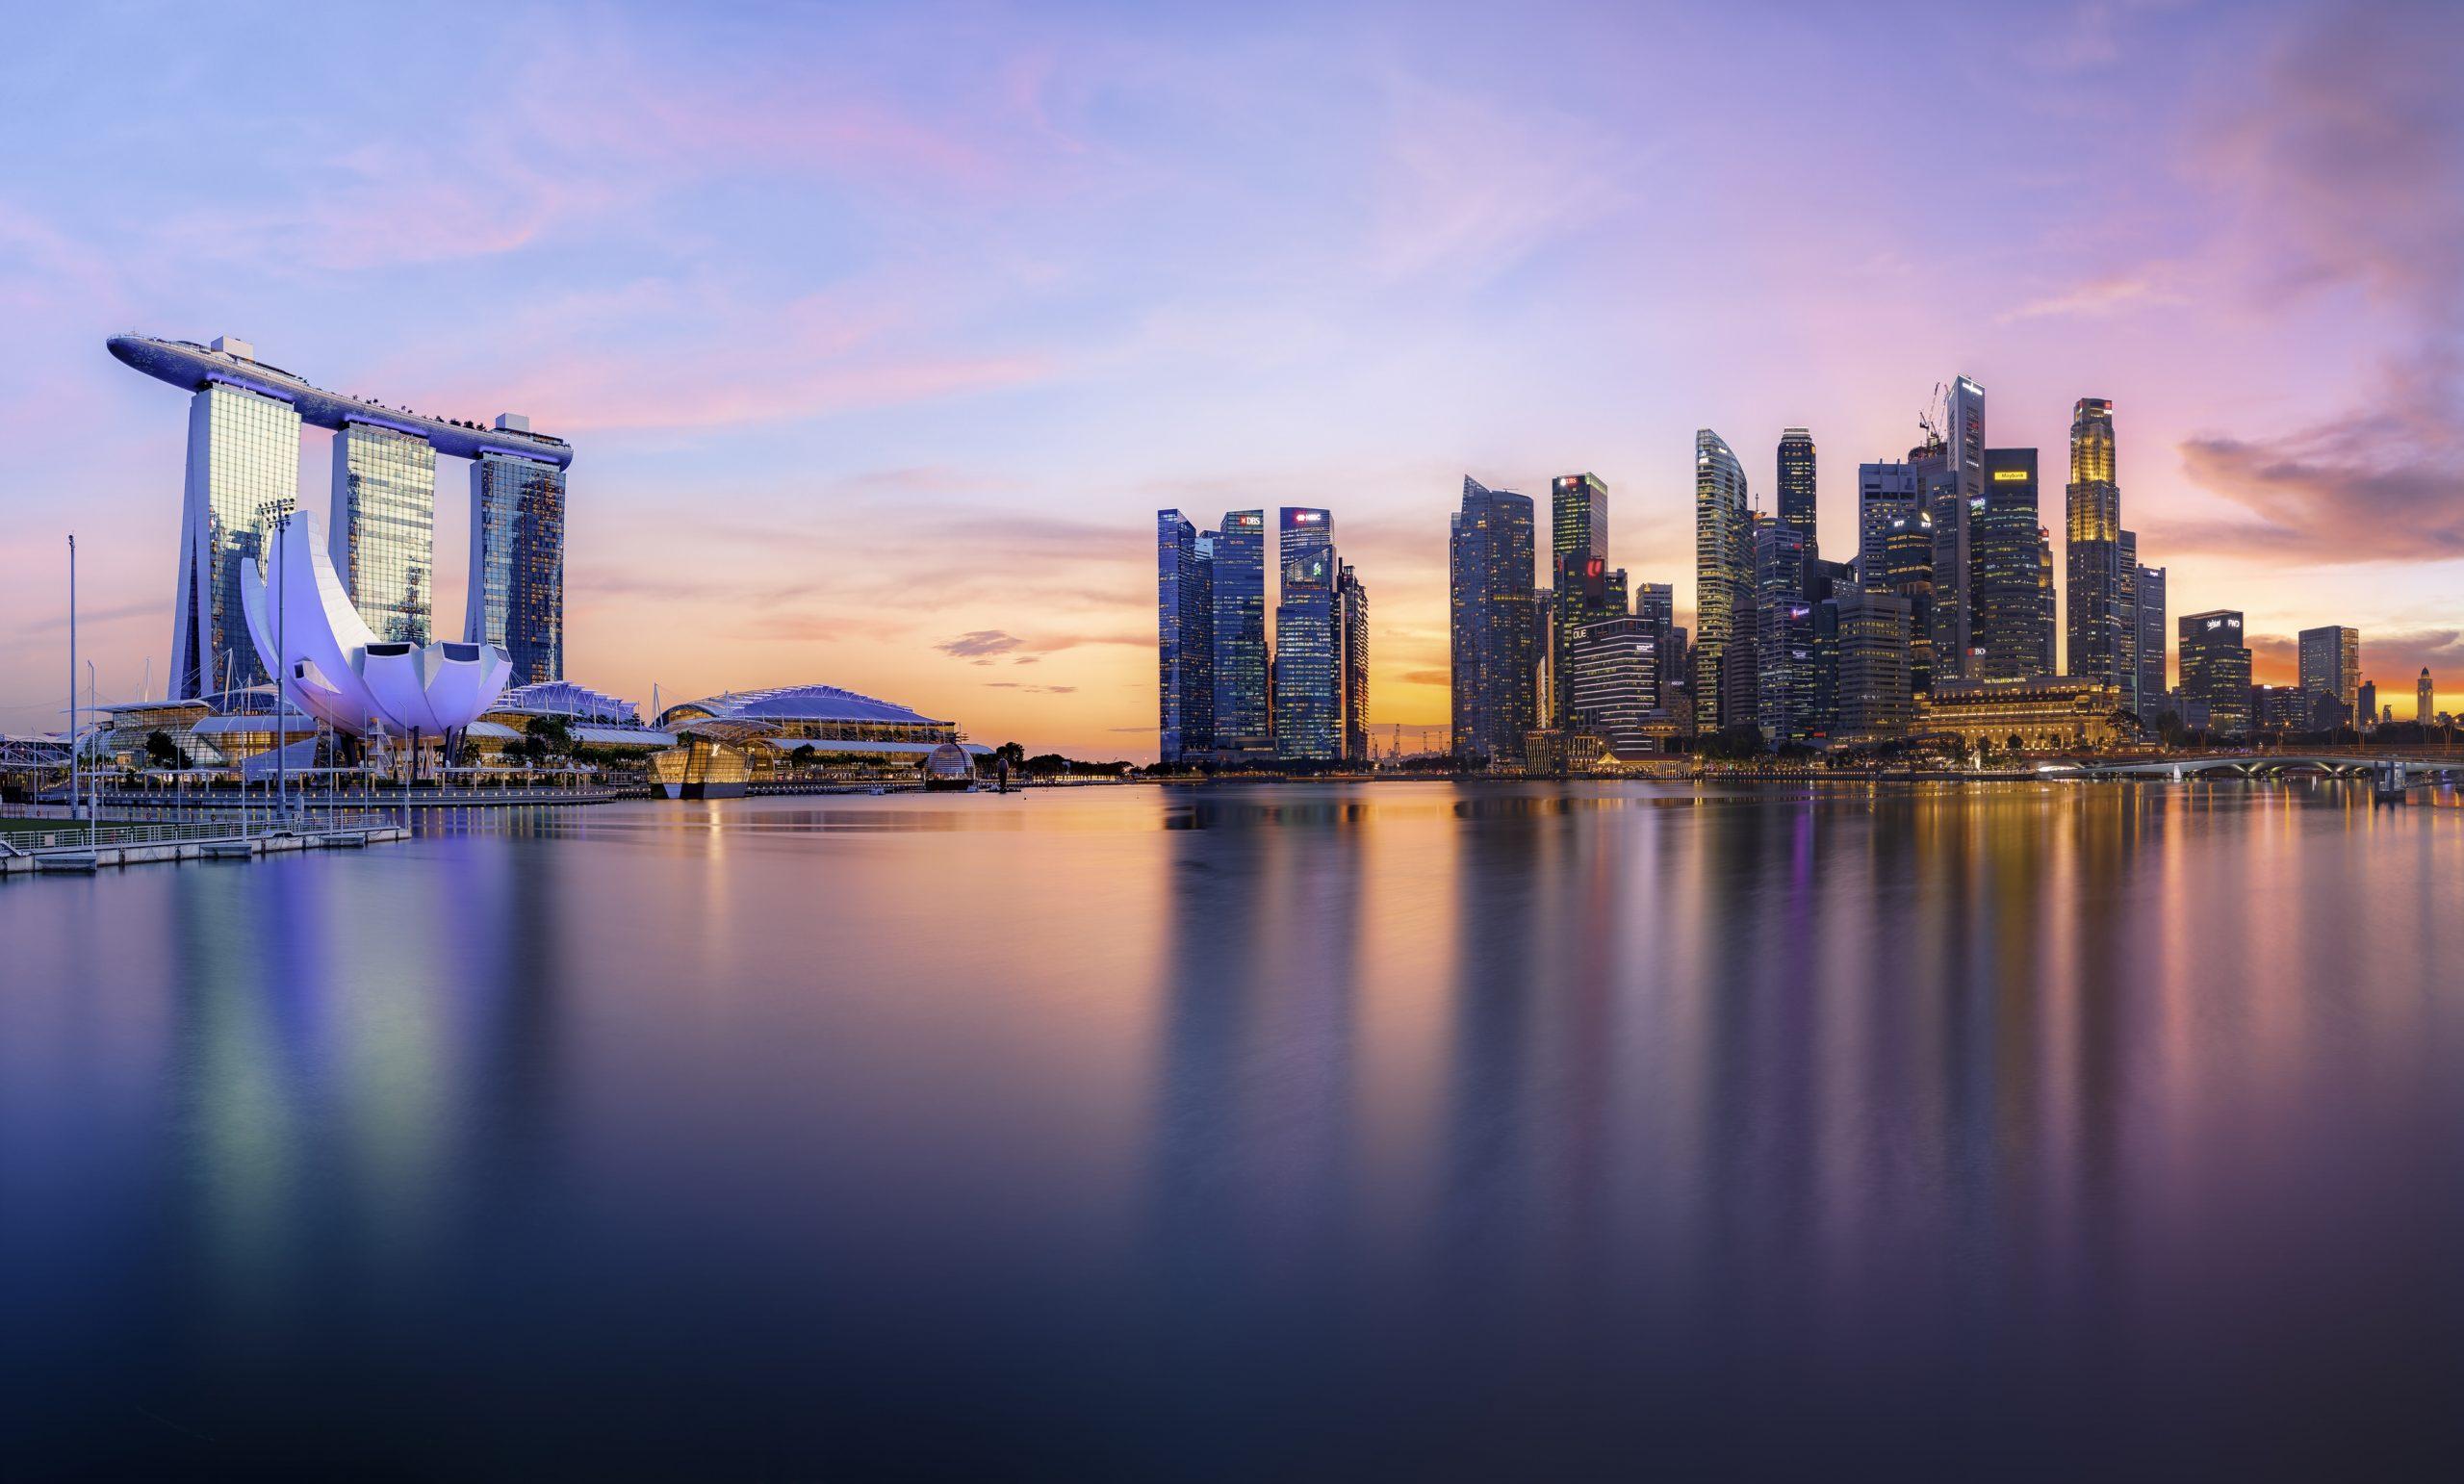 Sunset. Marina bay. Singapore. NW